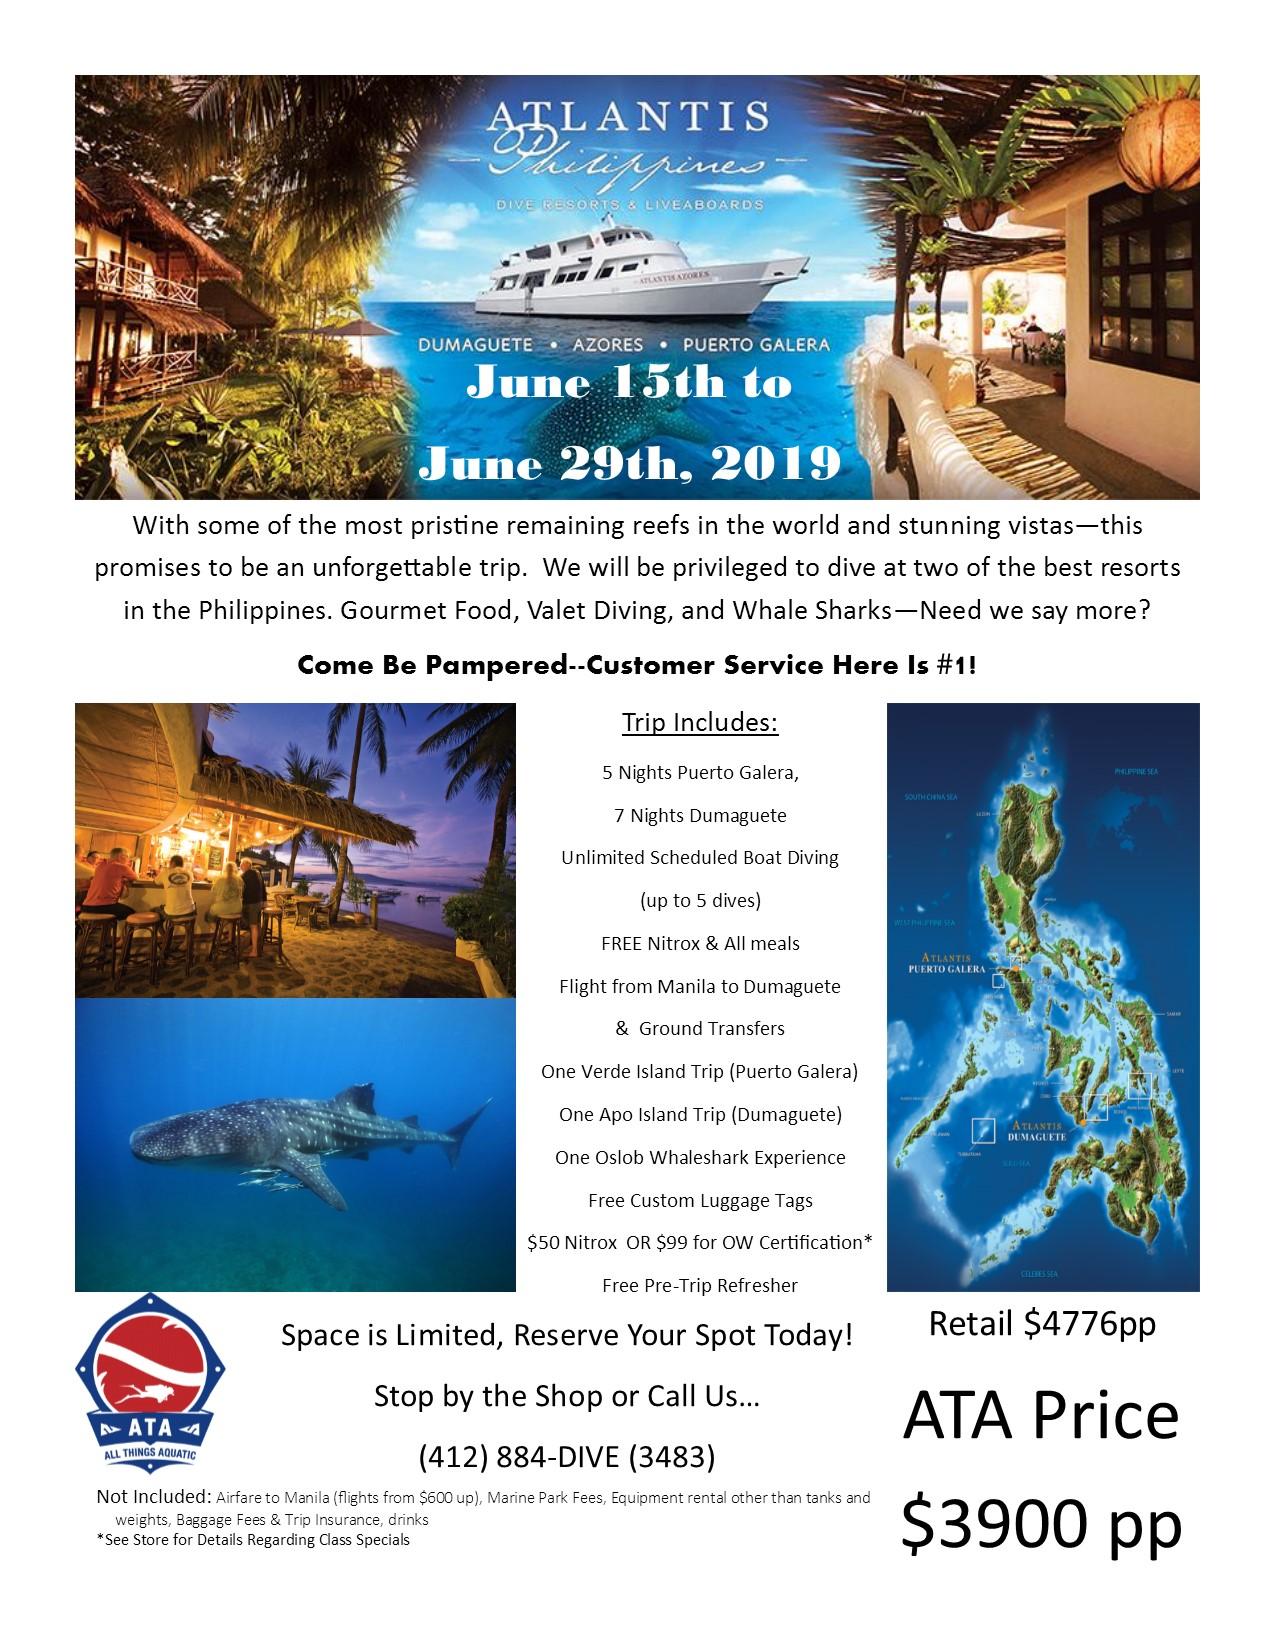 Atlantis Philippines June 15th-29th, 2019